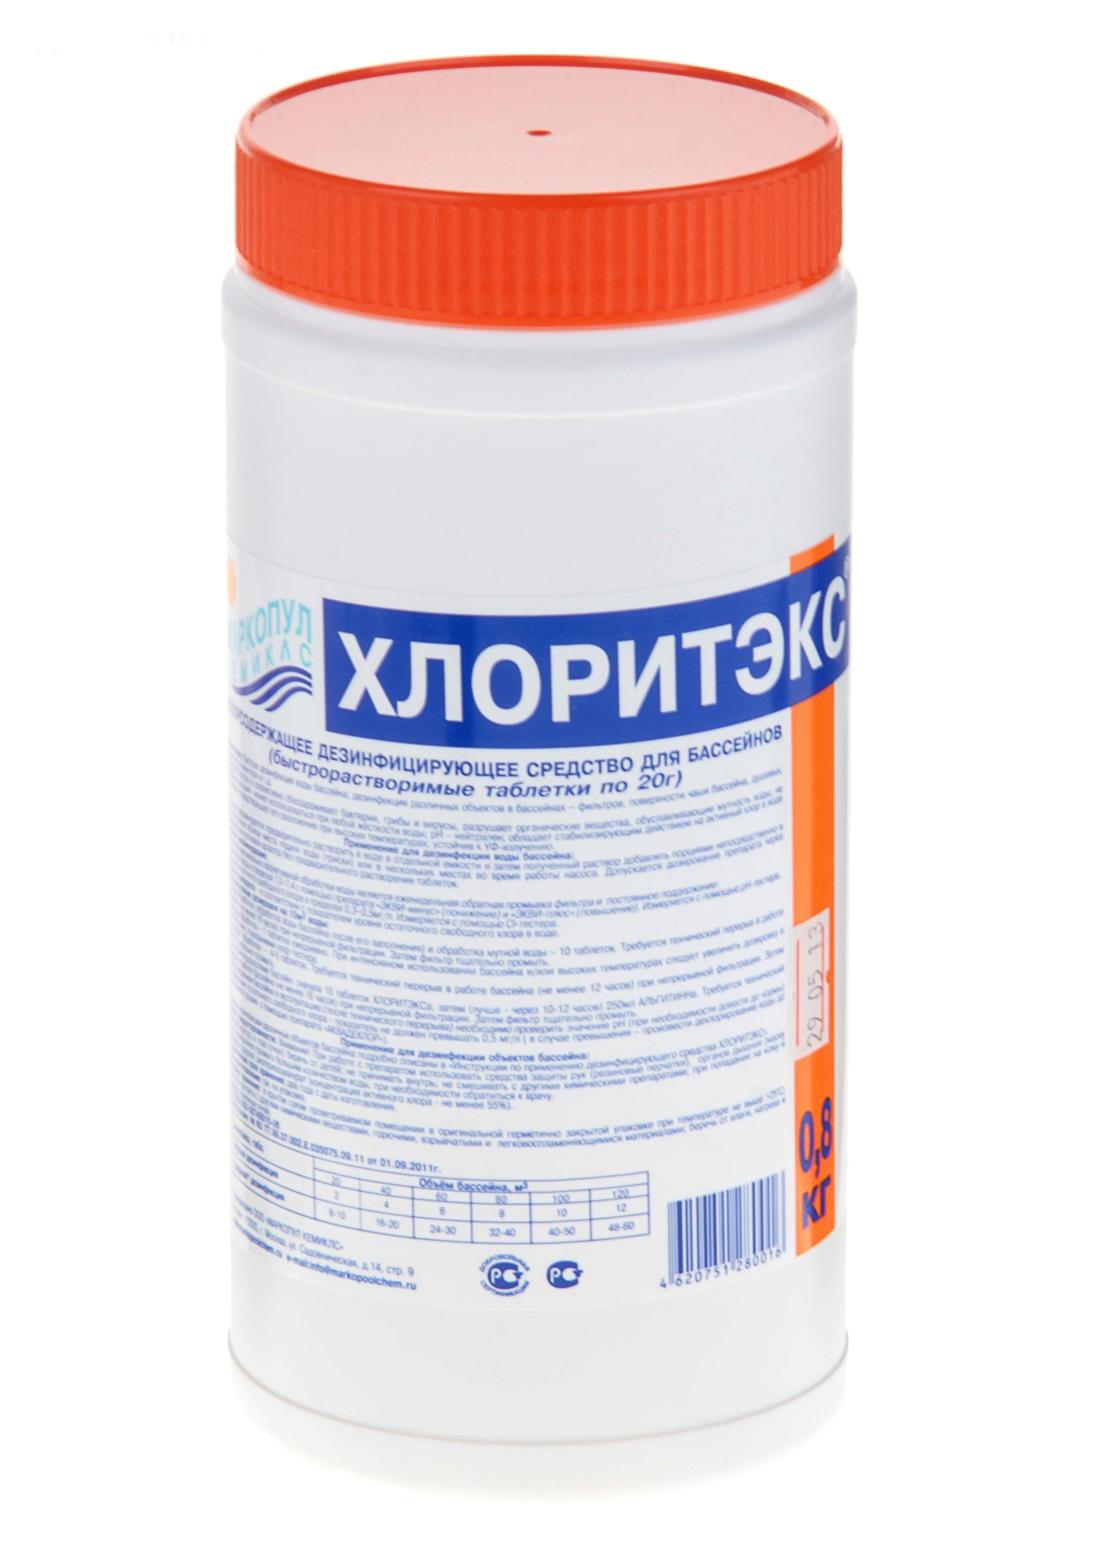 Маркопул ХЛОРИТЭКС хлор в таблетках 20 гр, 0,8 кг